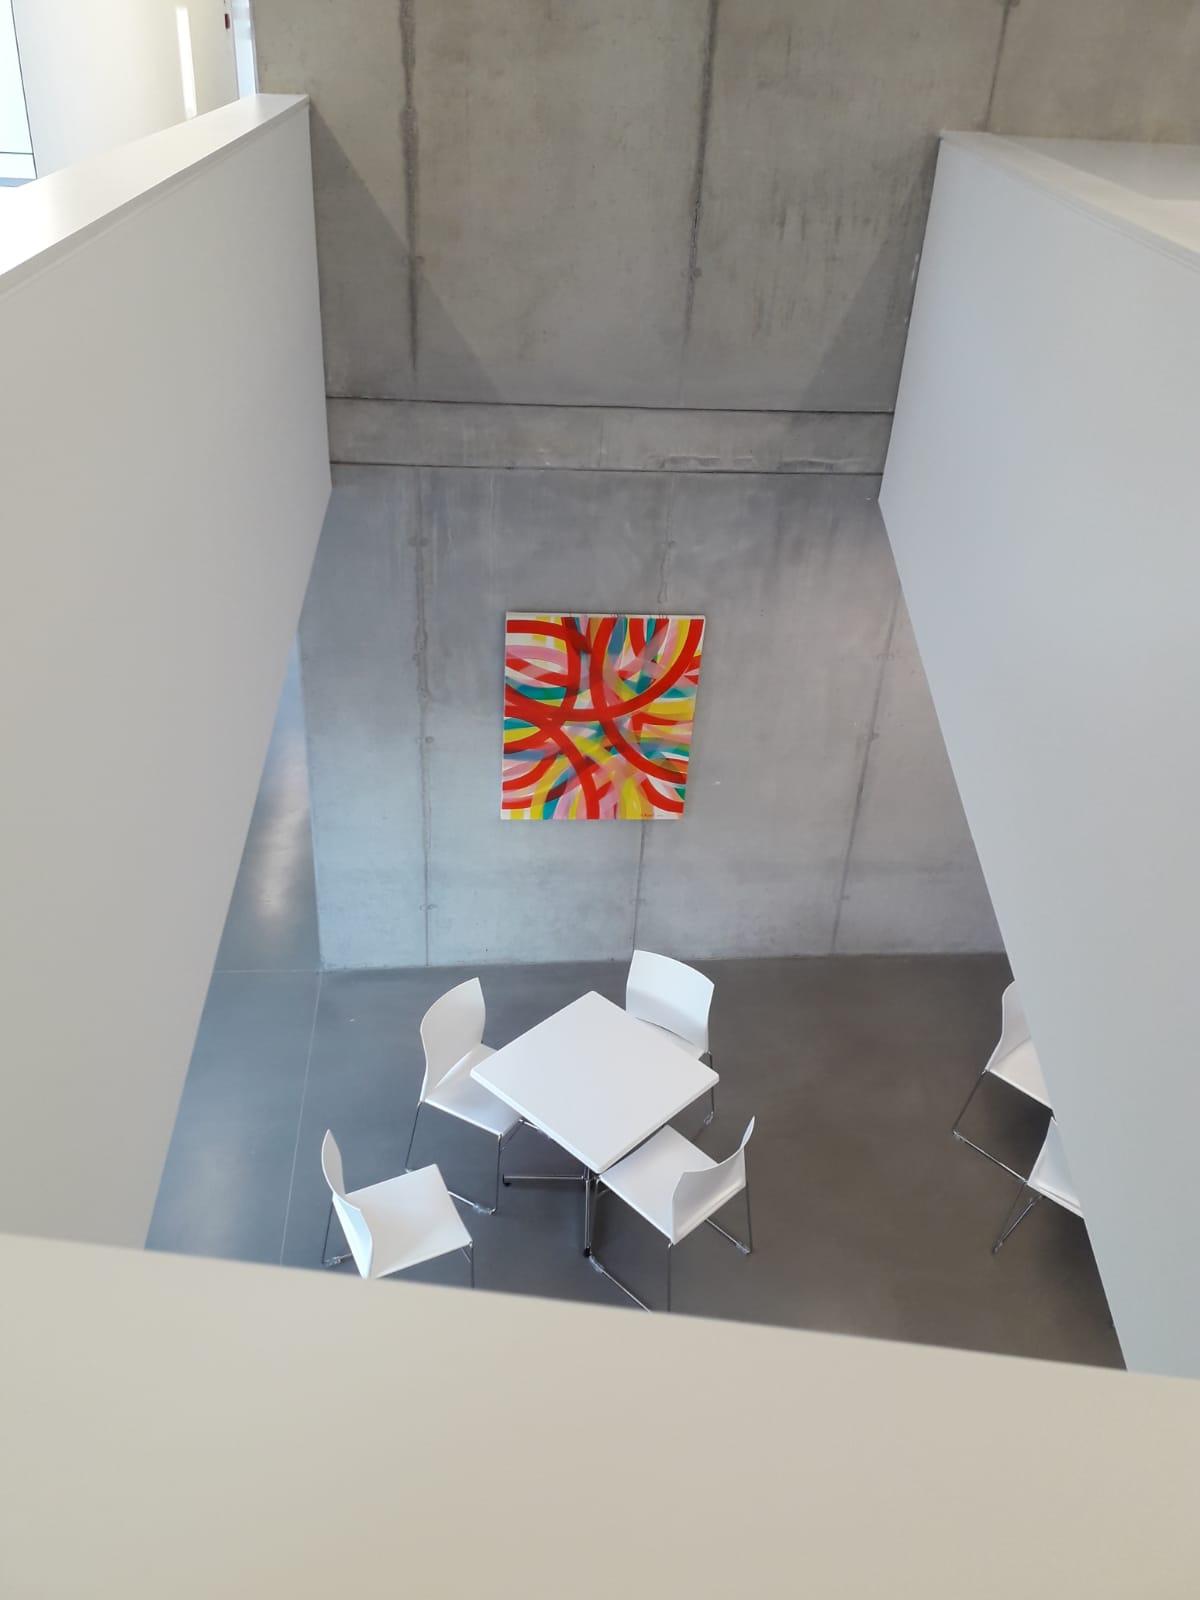 Ulrike Nagel expose au musée Goldener Engel en Allemagne